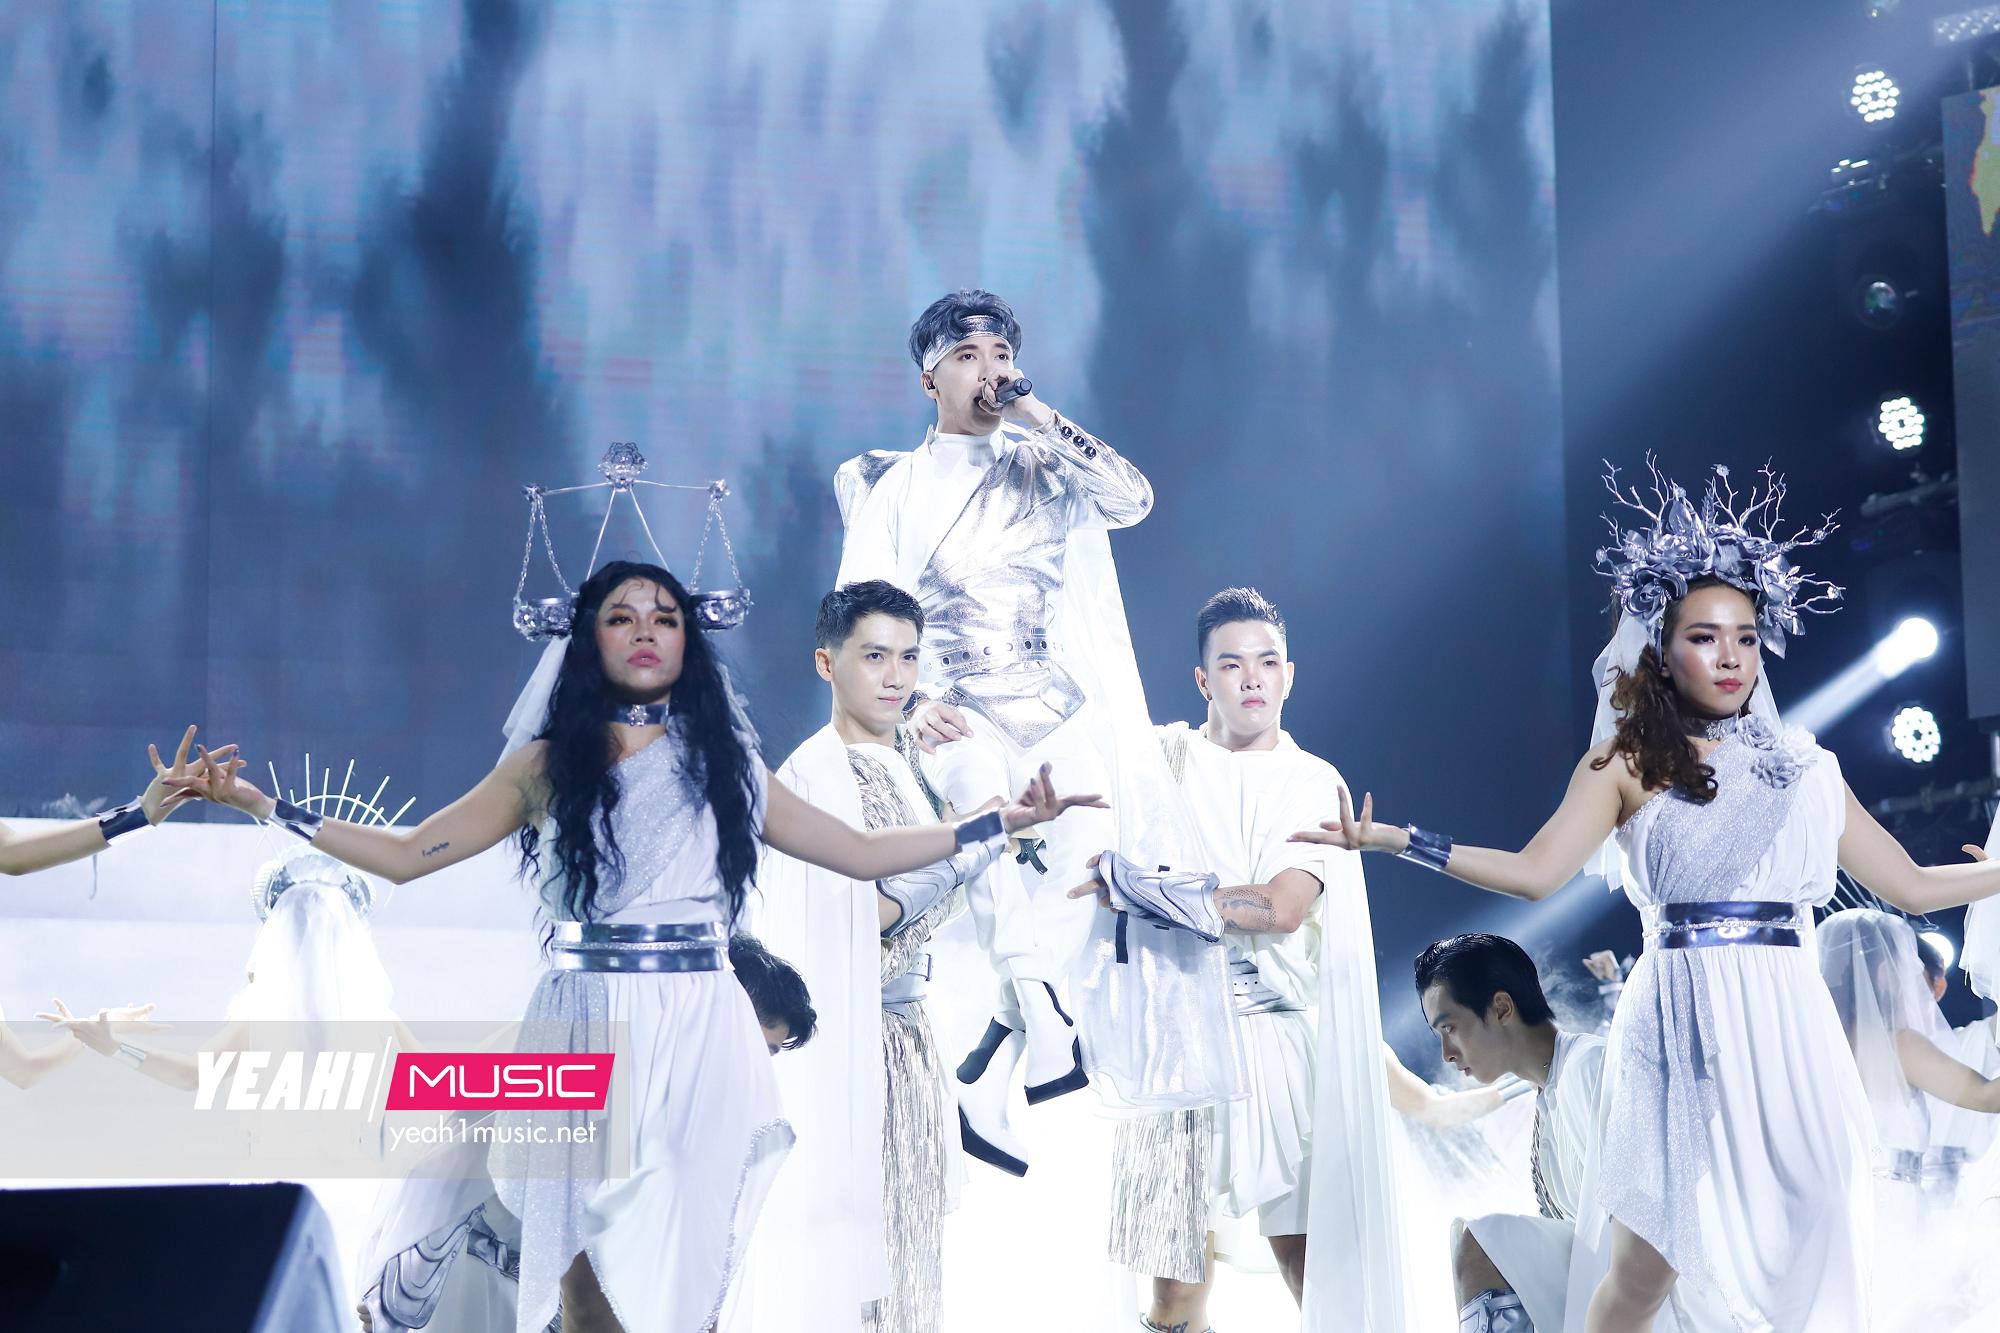 Nguyễn Trần Trung Quân khóa môi Denis Đặng trên sân khấu Tự Tâm, cùng Zico, (G)I-DLE bùng nổ trong show Hàn-Việt